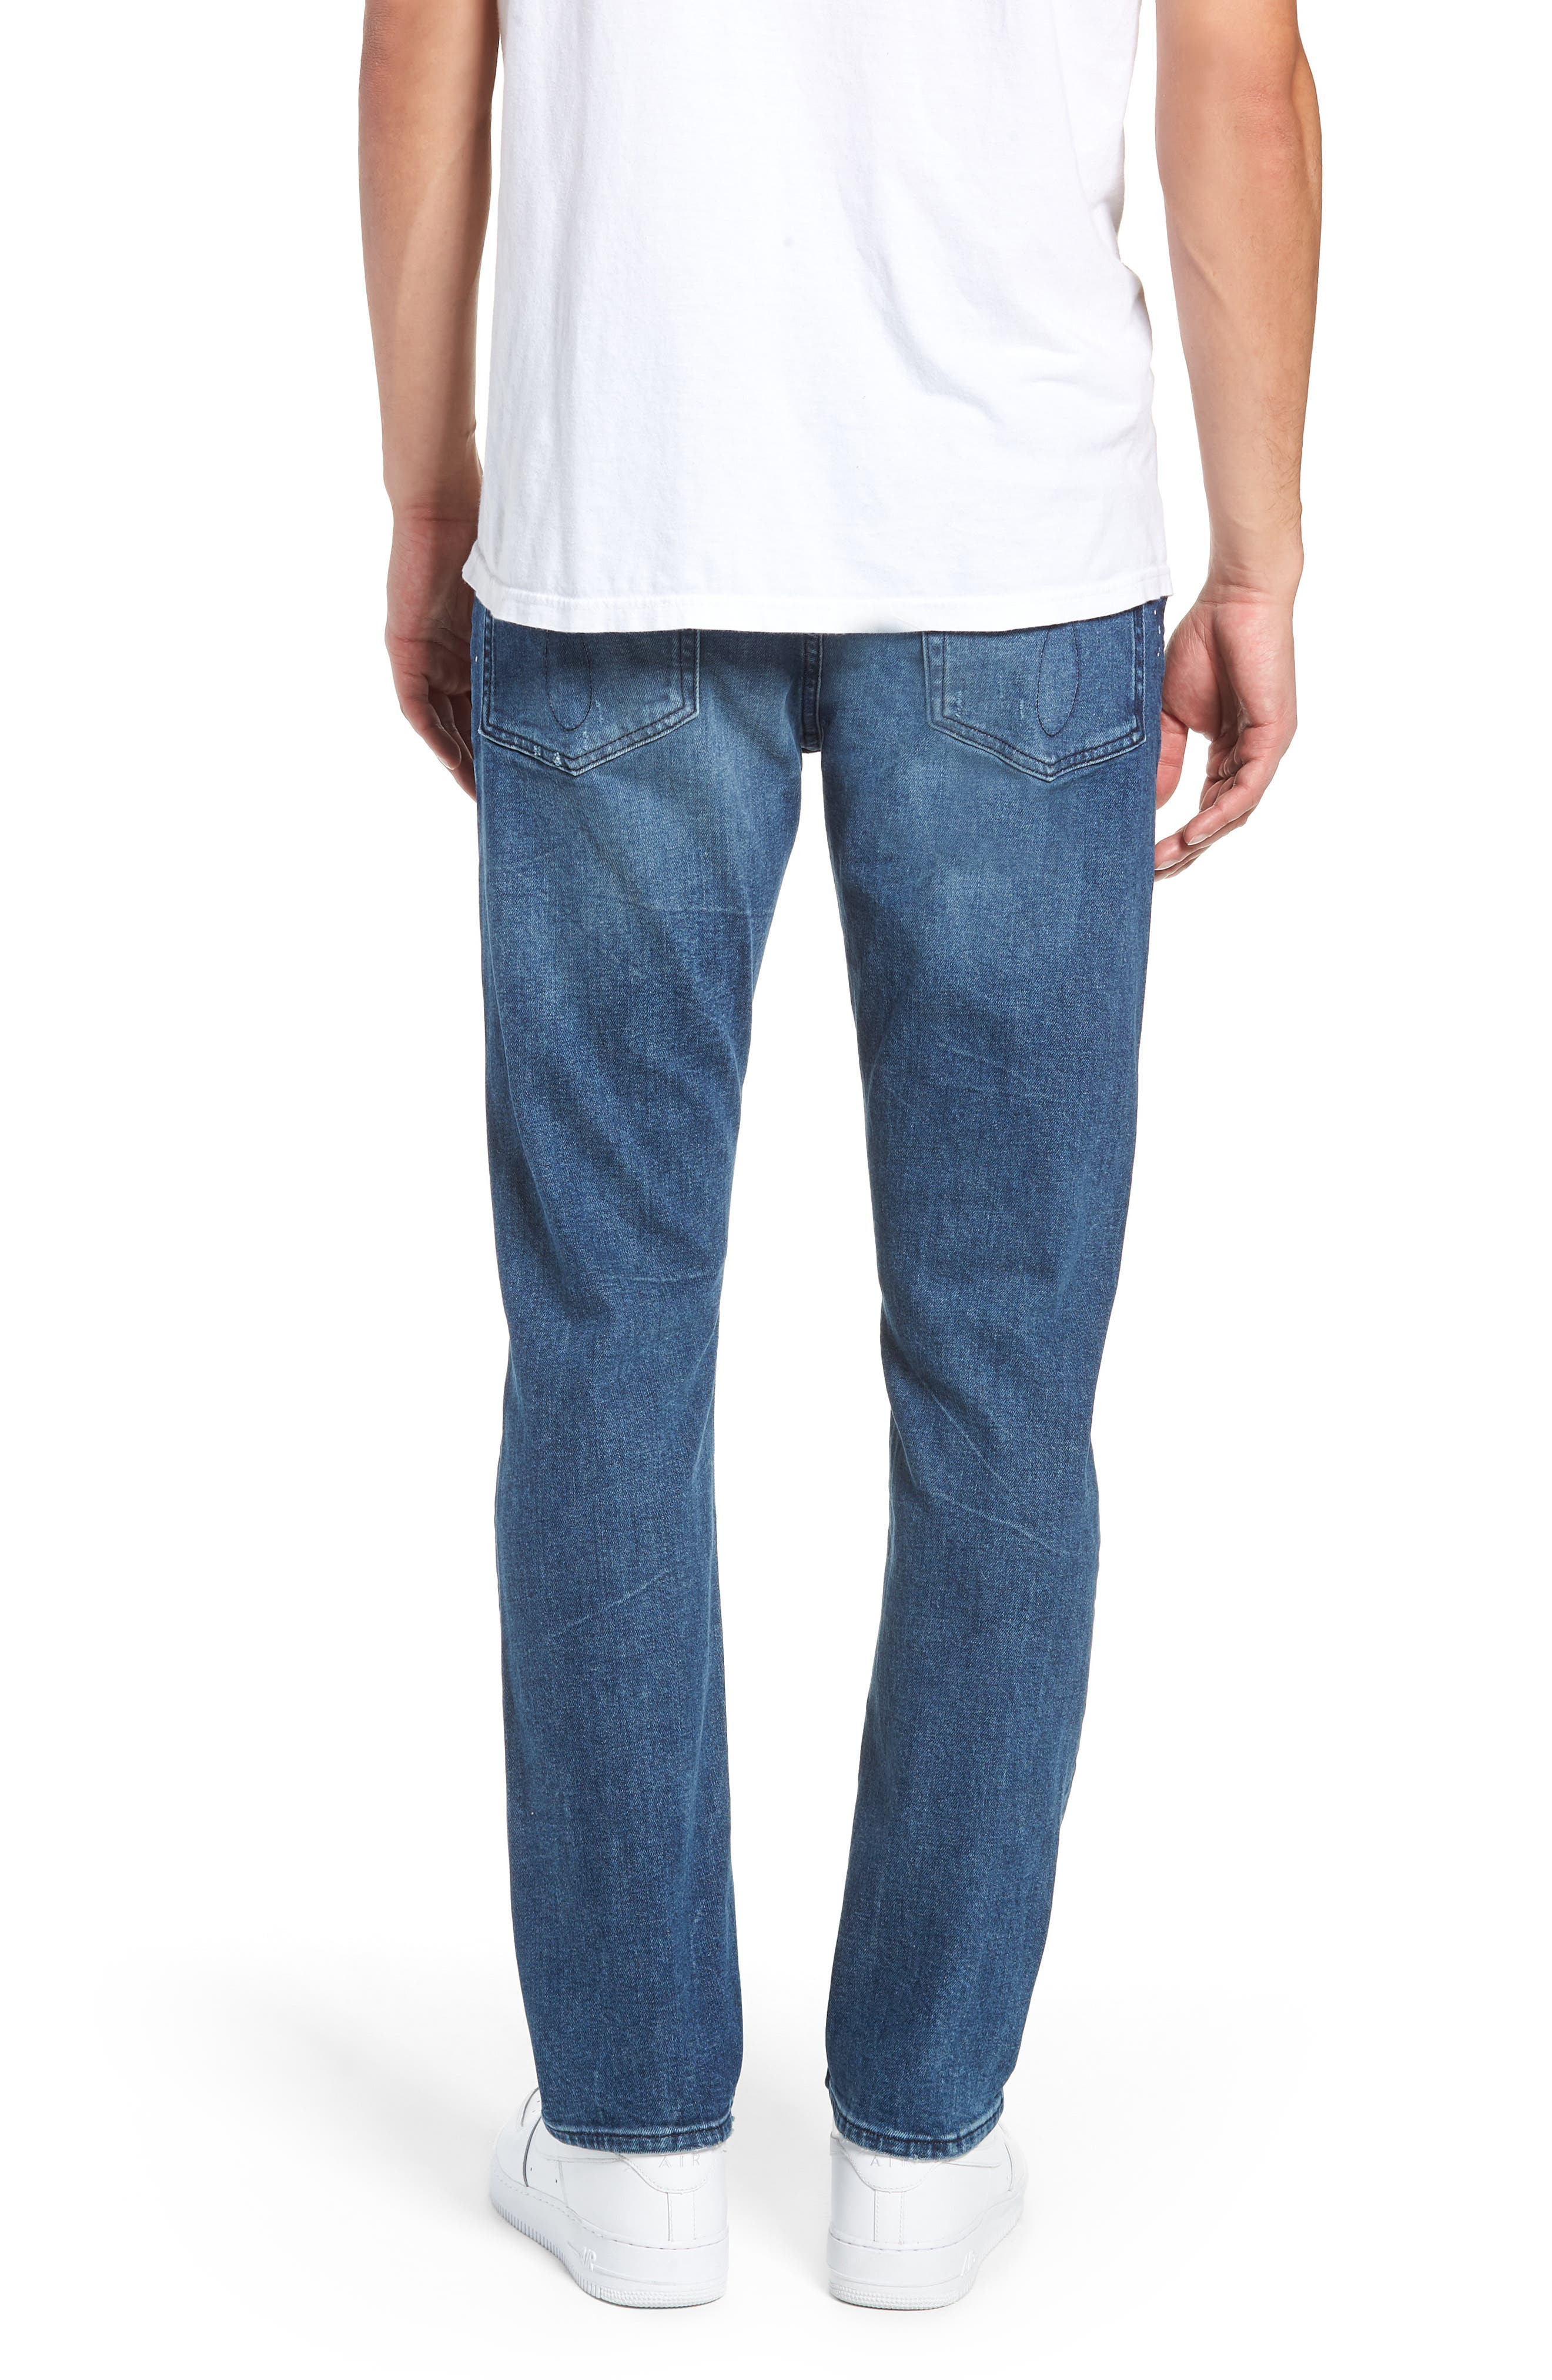 Calvin Klein Slim Fit Jeans,                             Alternate thumbnail 2, color,                             400